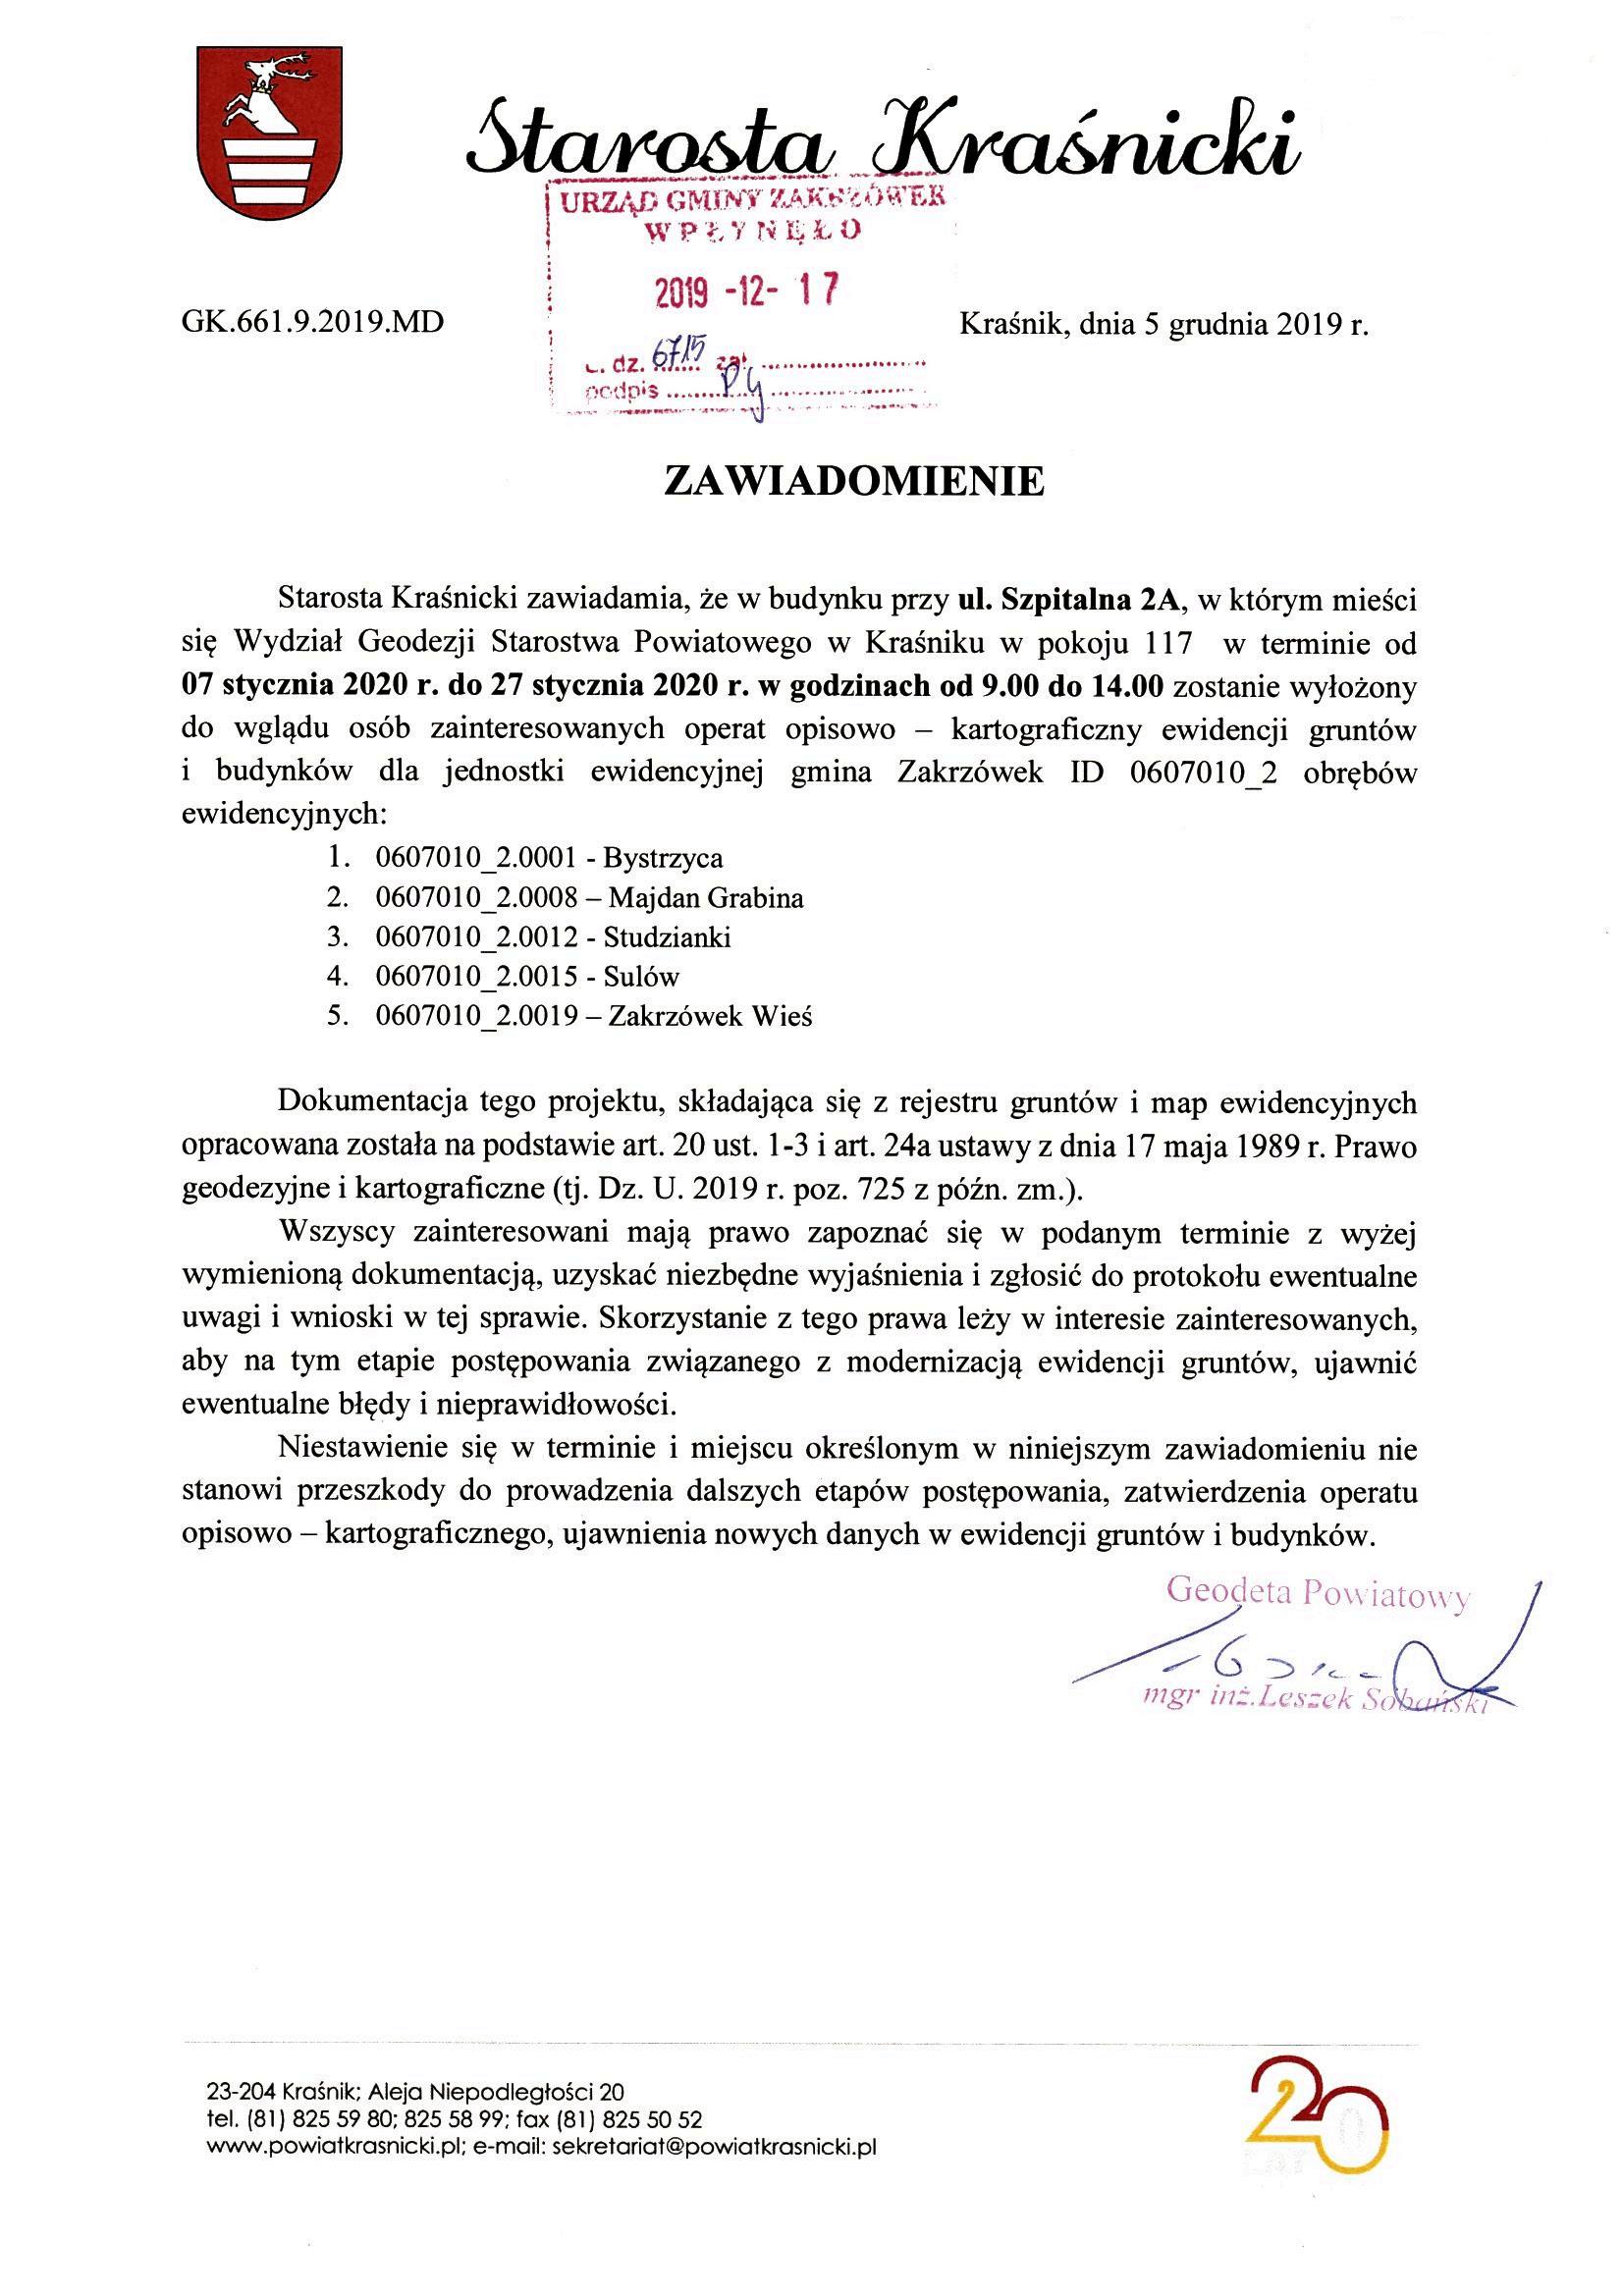 Zawiadomienie Starosty Kraśnickiego o wyłożeniu do wglądu operatu opisowo-kartograficznego